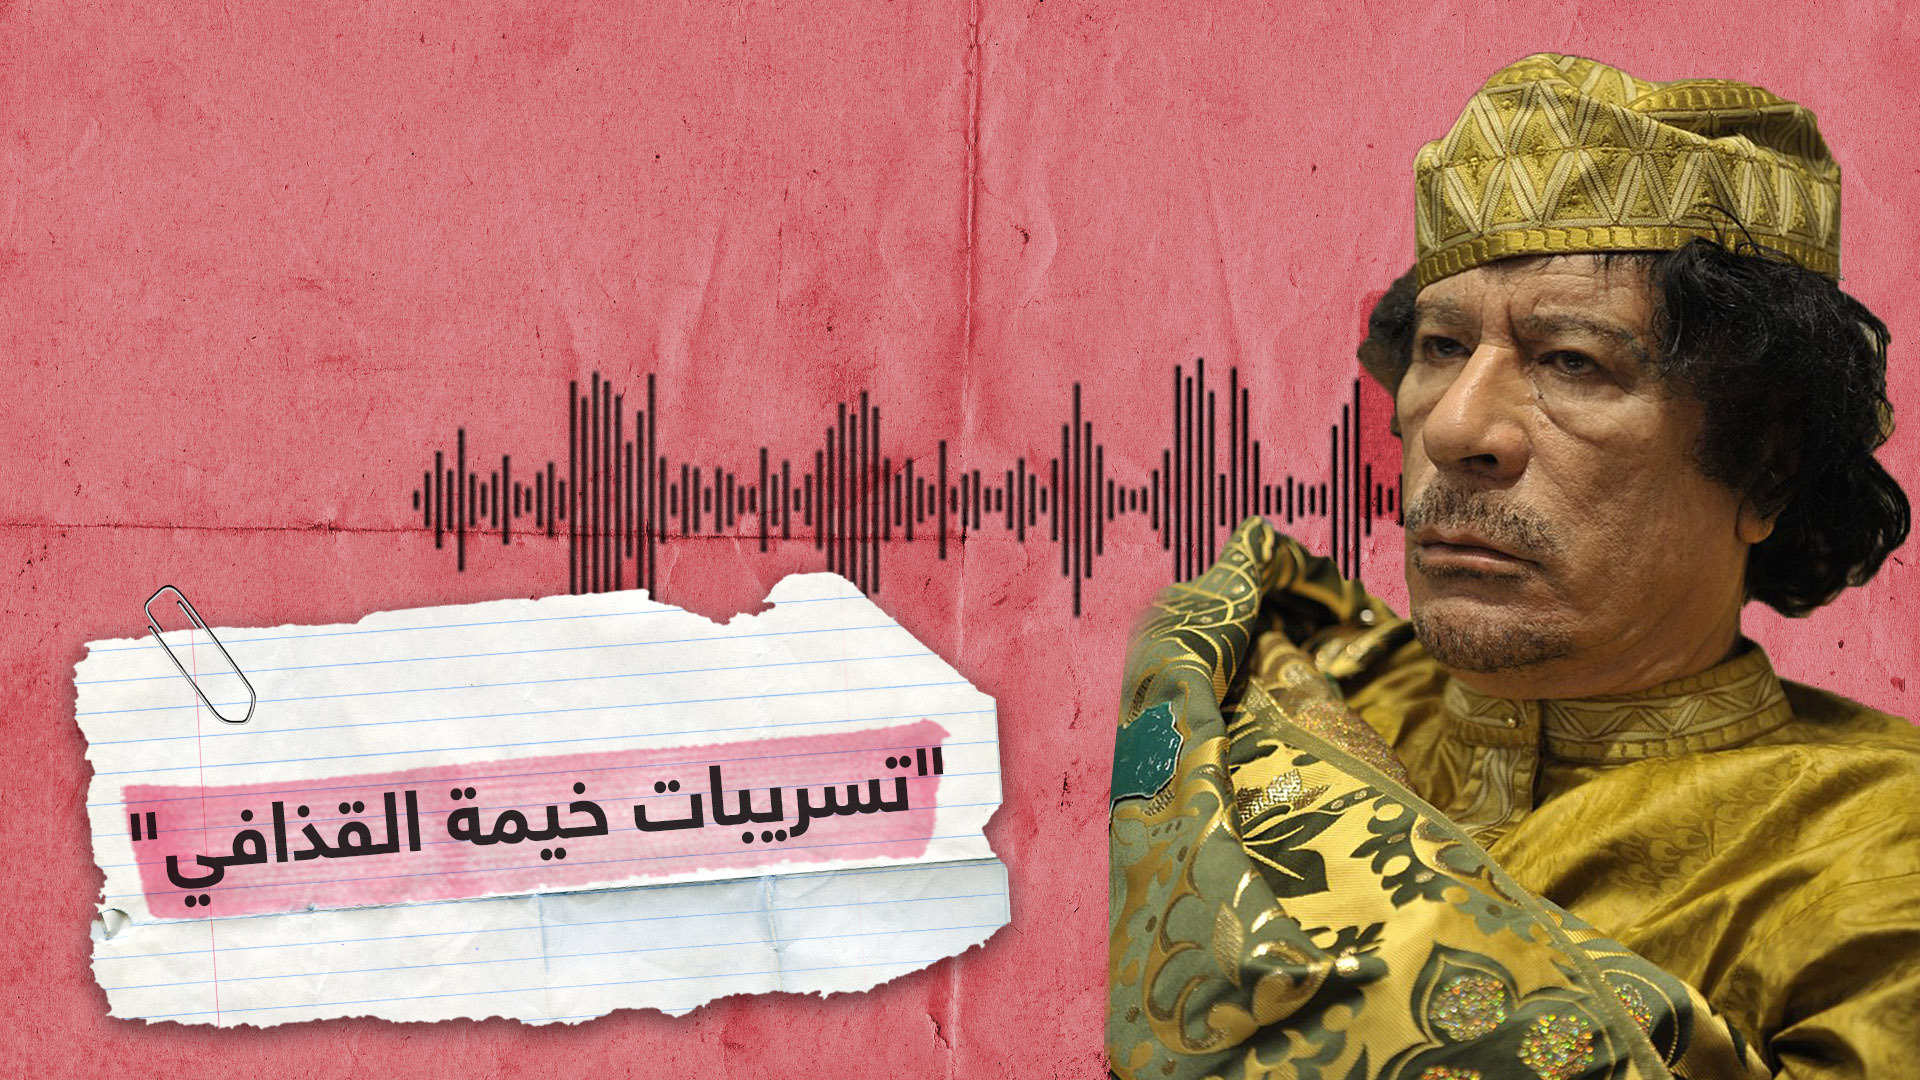 تسريب جديد منسوب للقذافي عن